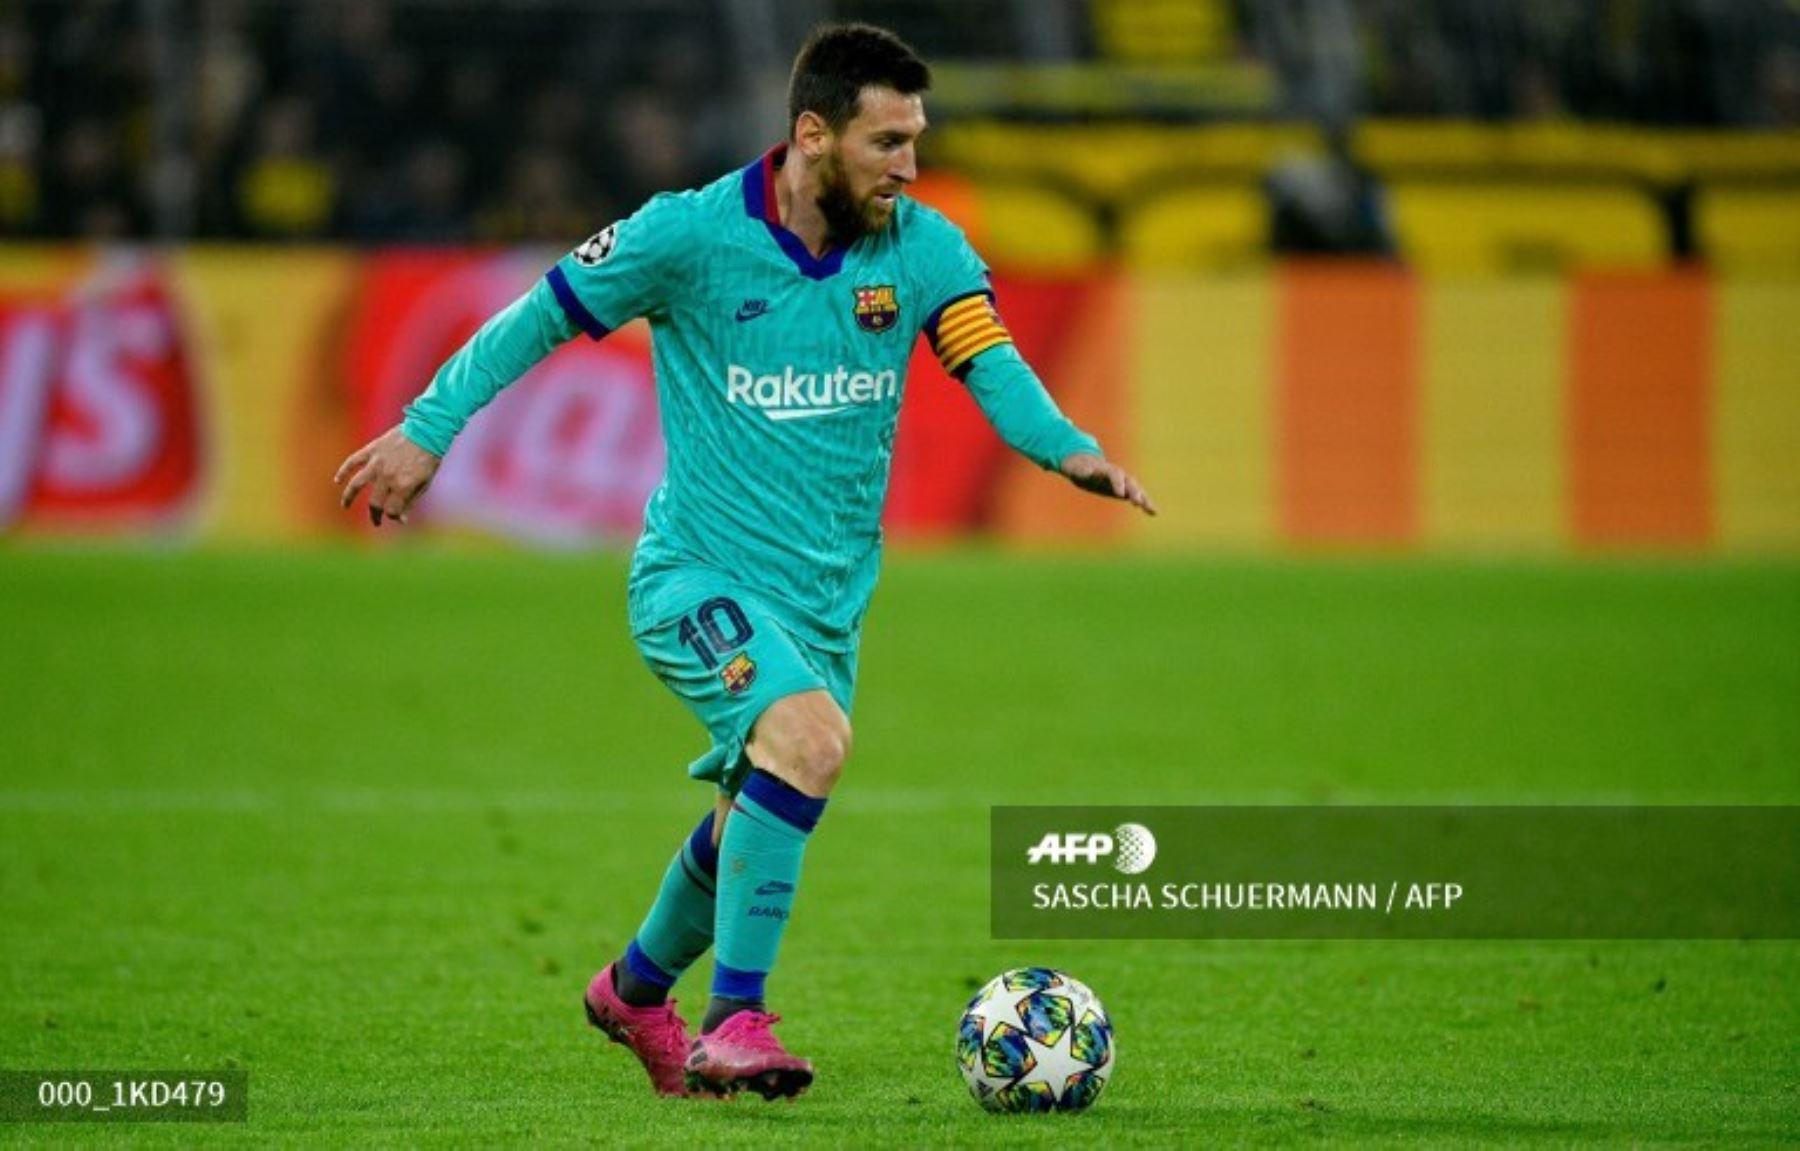 El delantero argentino de Barcelona Lionel Messi juega el balón durante el partido de fútbol del Grupo F de la UEFA Champions League Borussia Dortmund v FC Barcelona en Alemania. Foto:AFP